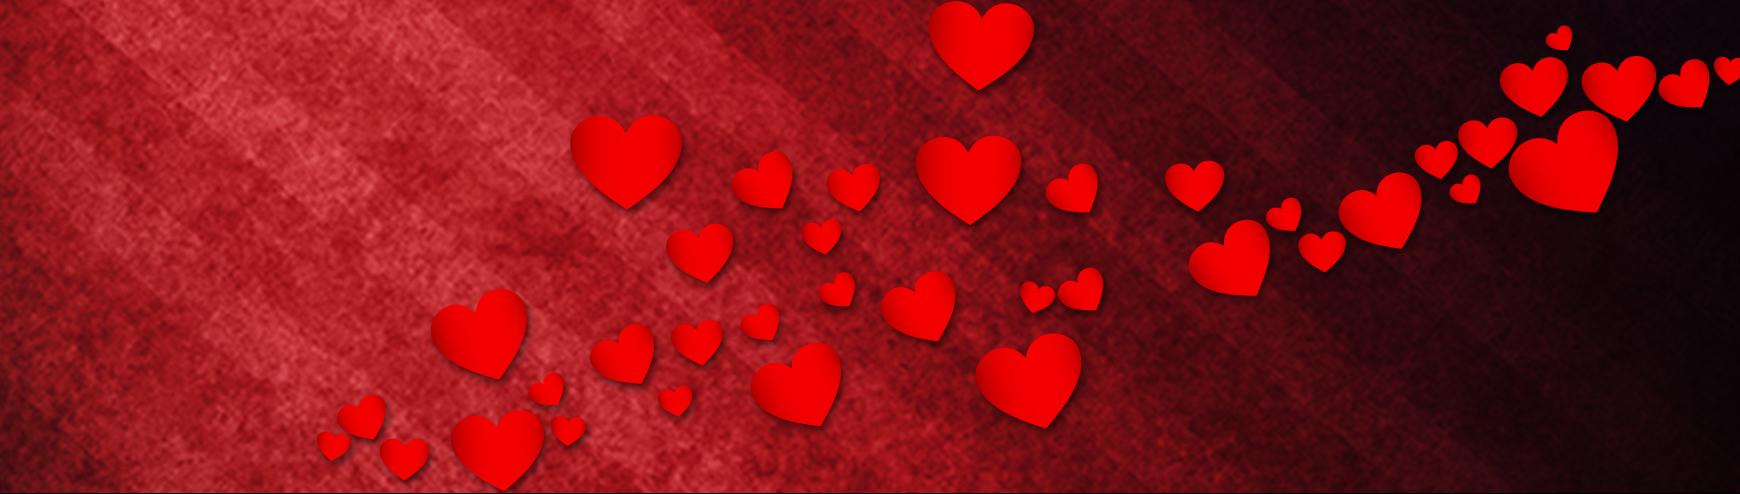 JT_Valentine texture.jpg